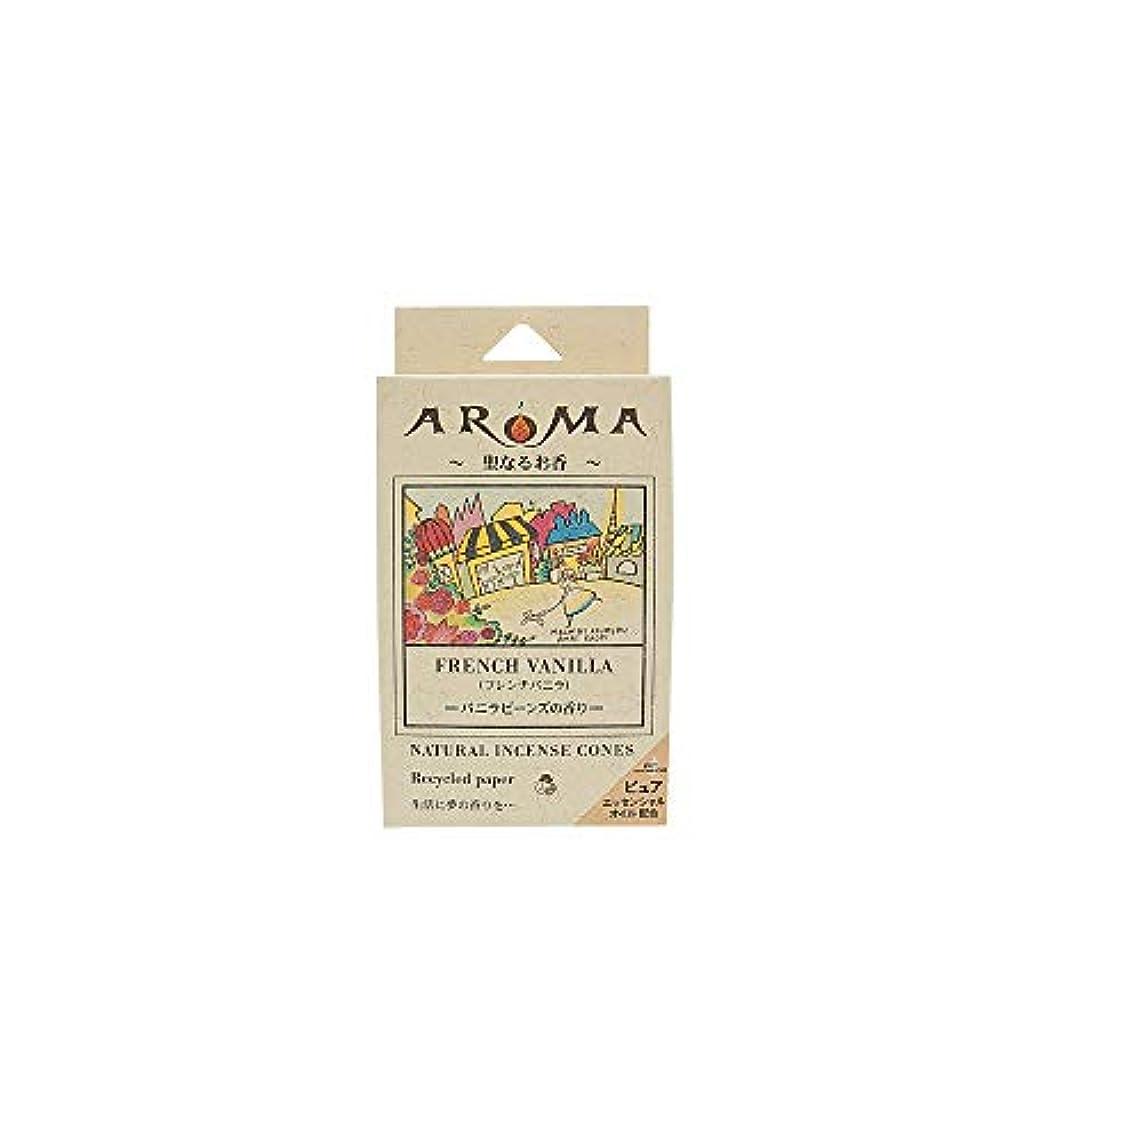 倉庫うなり声幸運なアロマ香 フレンチバニラ 16粒(コーンタイプインセンス 1粒の燃焼時間約20分 バニラビーンズの香り)